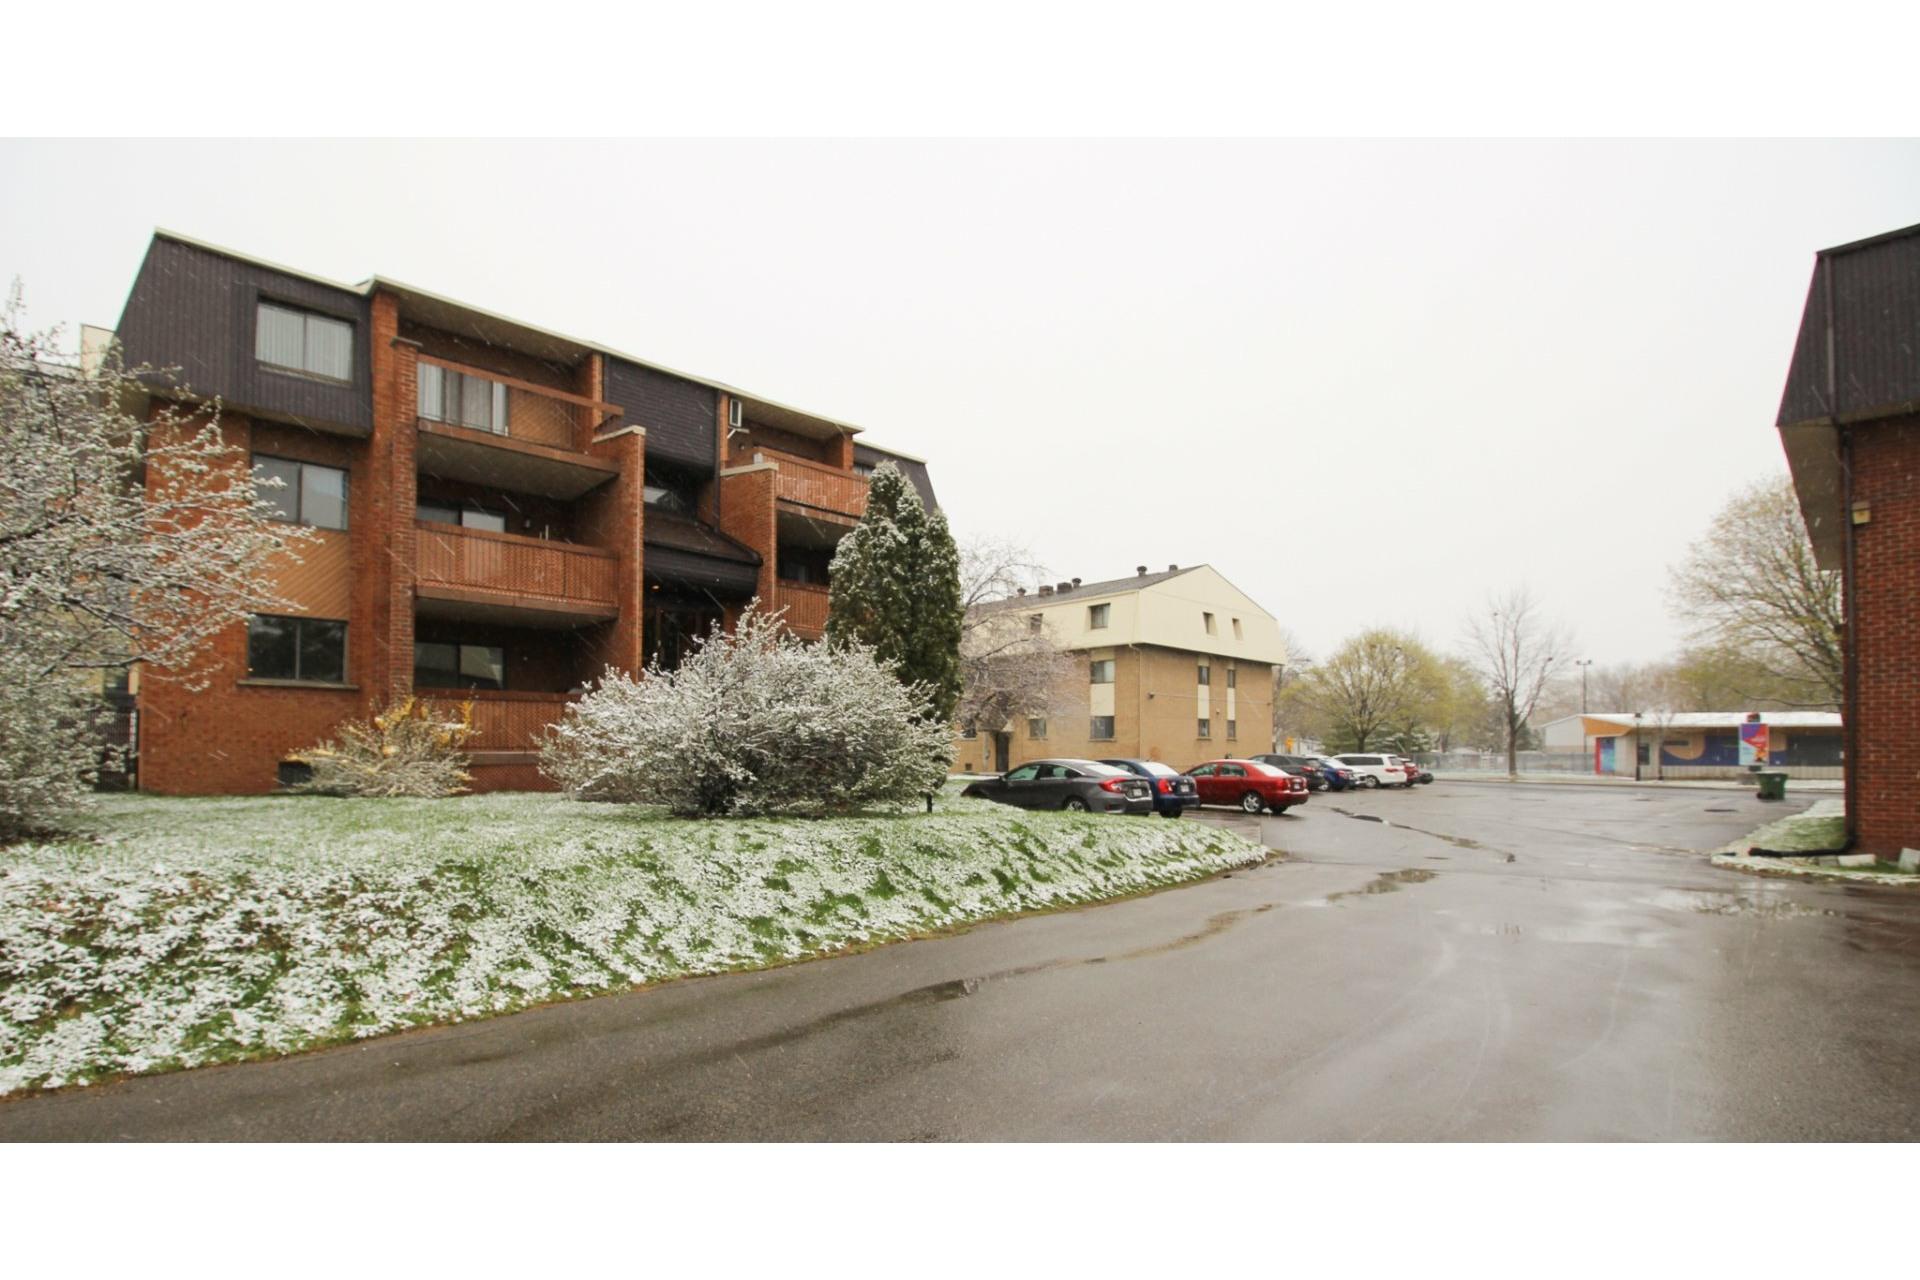 image 26 - Appartement À vendre Rivière-des-Prairies/Pointe-aux-Trembles Montréal  - 5 pièces